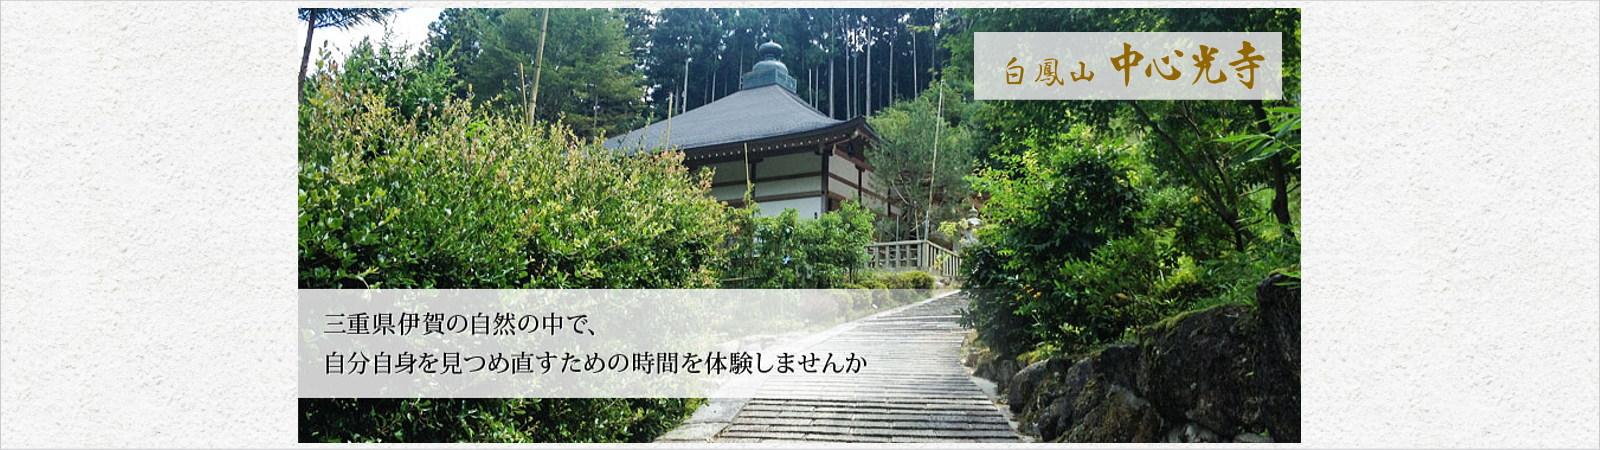 伊賀市の中心光寺は高野山真言宗のお寺です